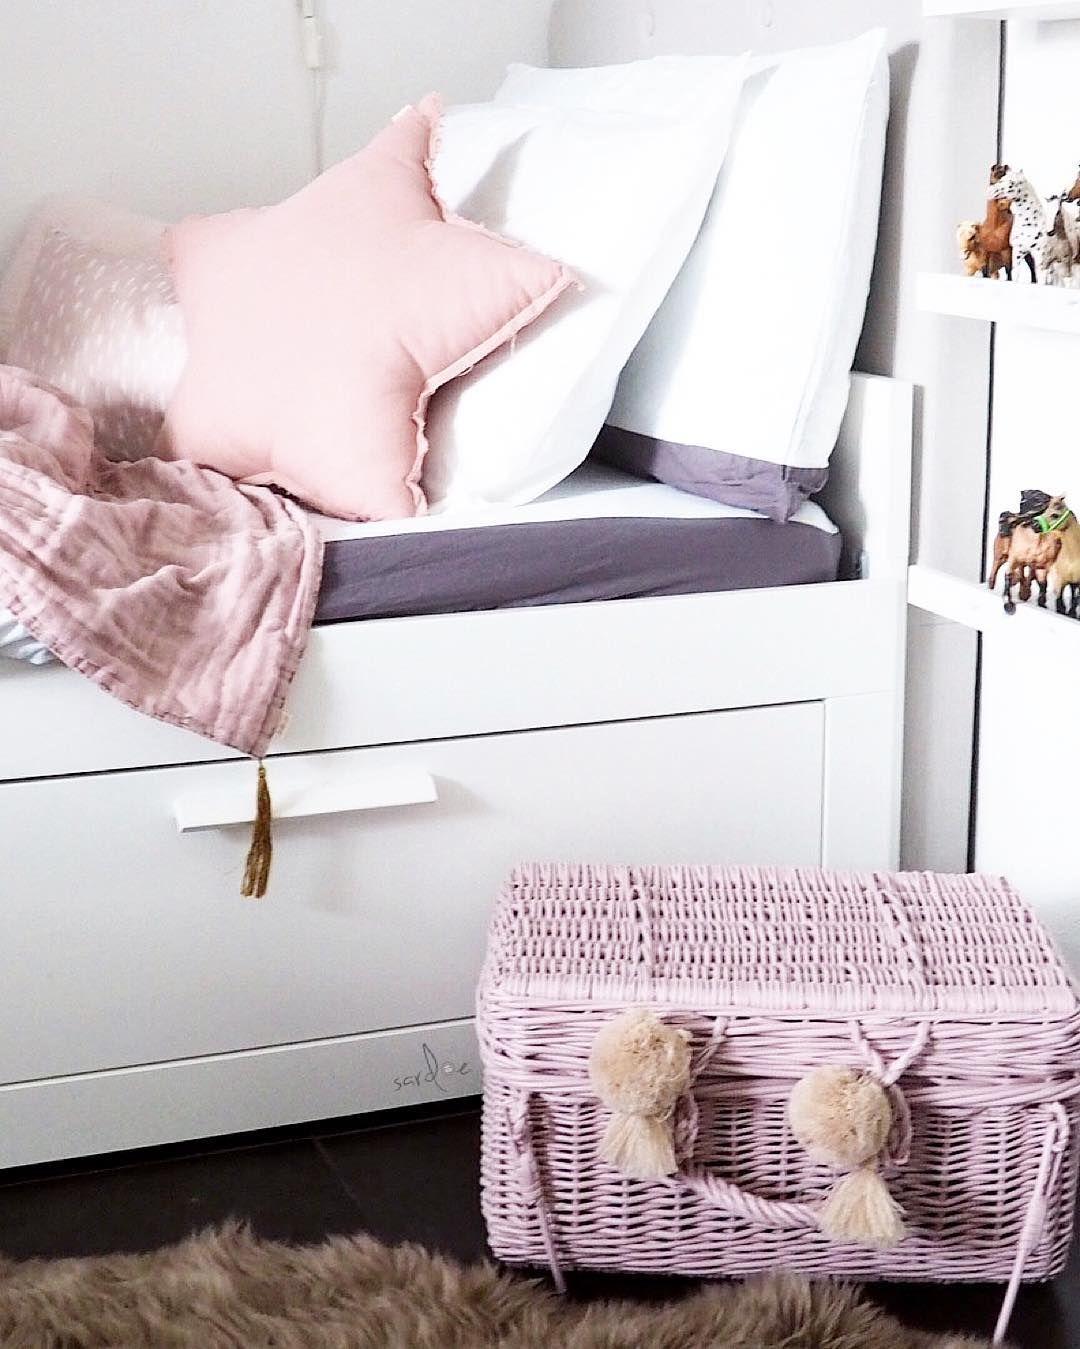 m dchenzimmer girlsroom girlsroomdecor unicorn einhorn kinderzimmer numero74 schleich. Black Bedroom Furniture Sets. Home Design Ideas